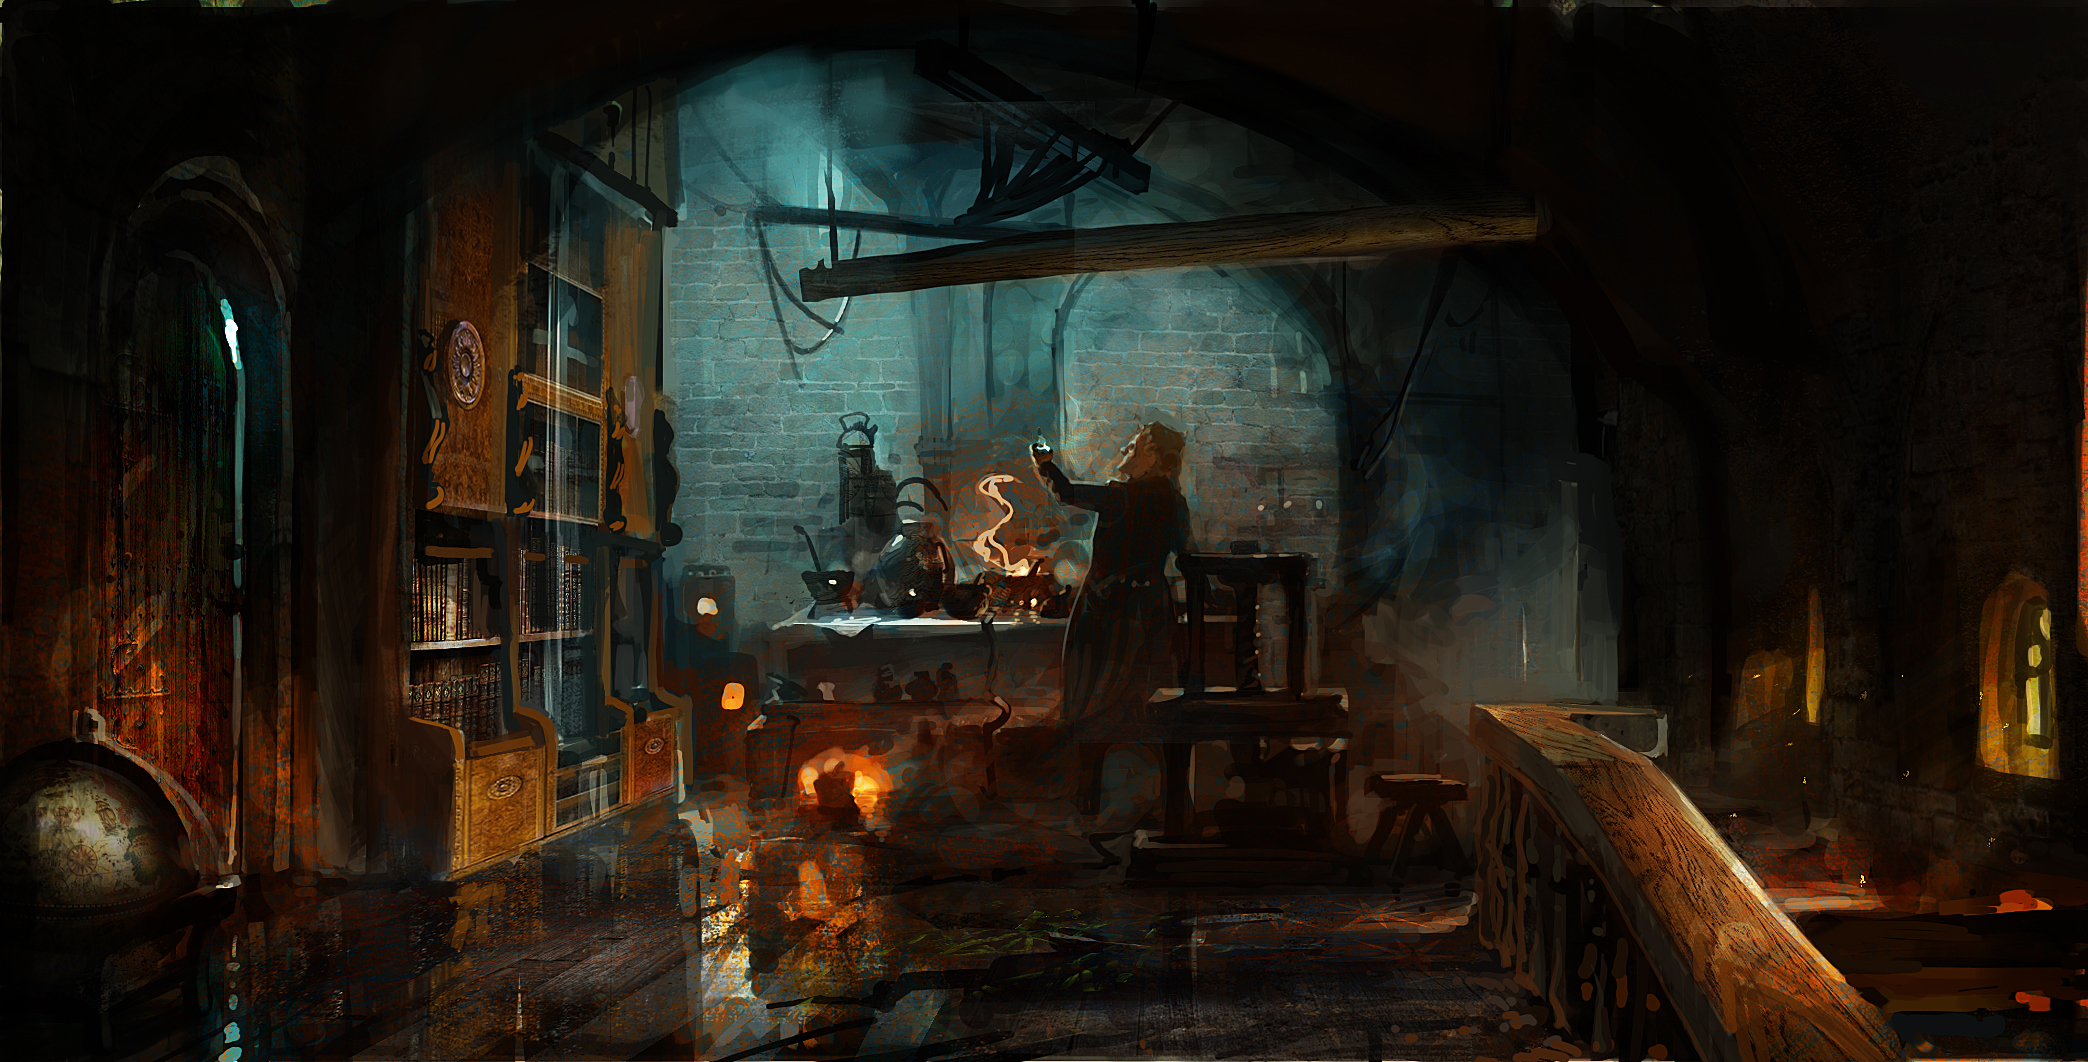 fantasy alchemist lab arts houston